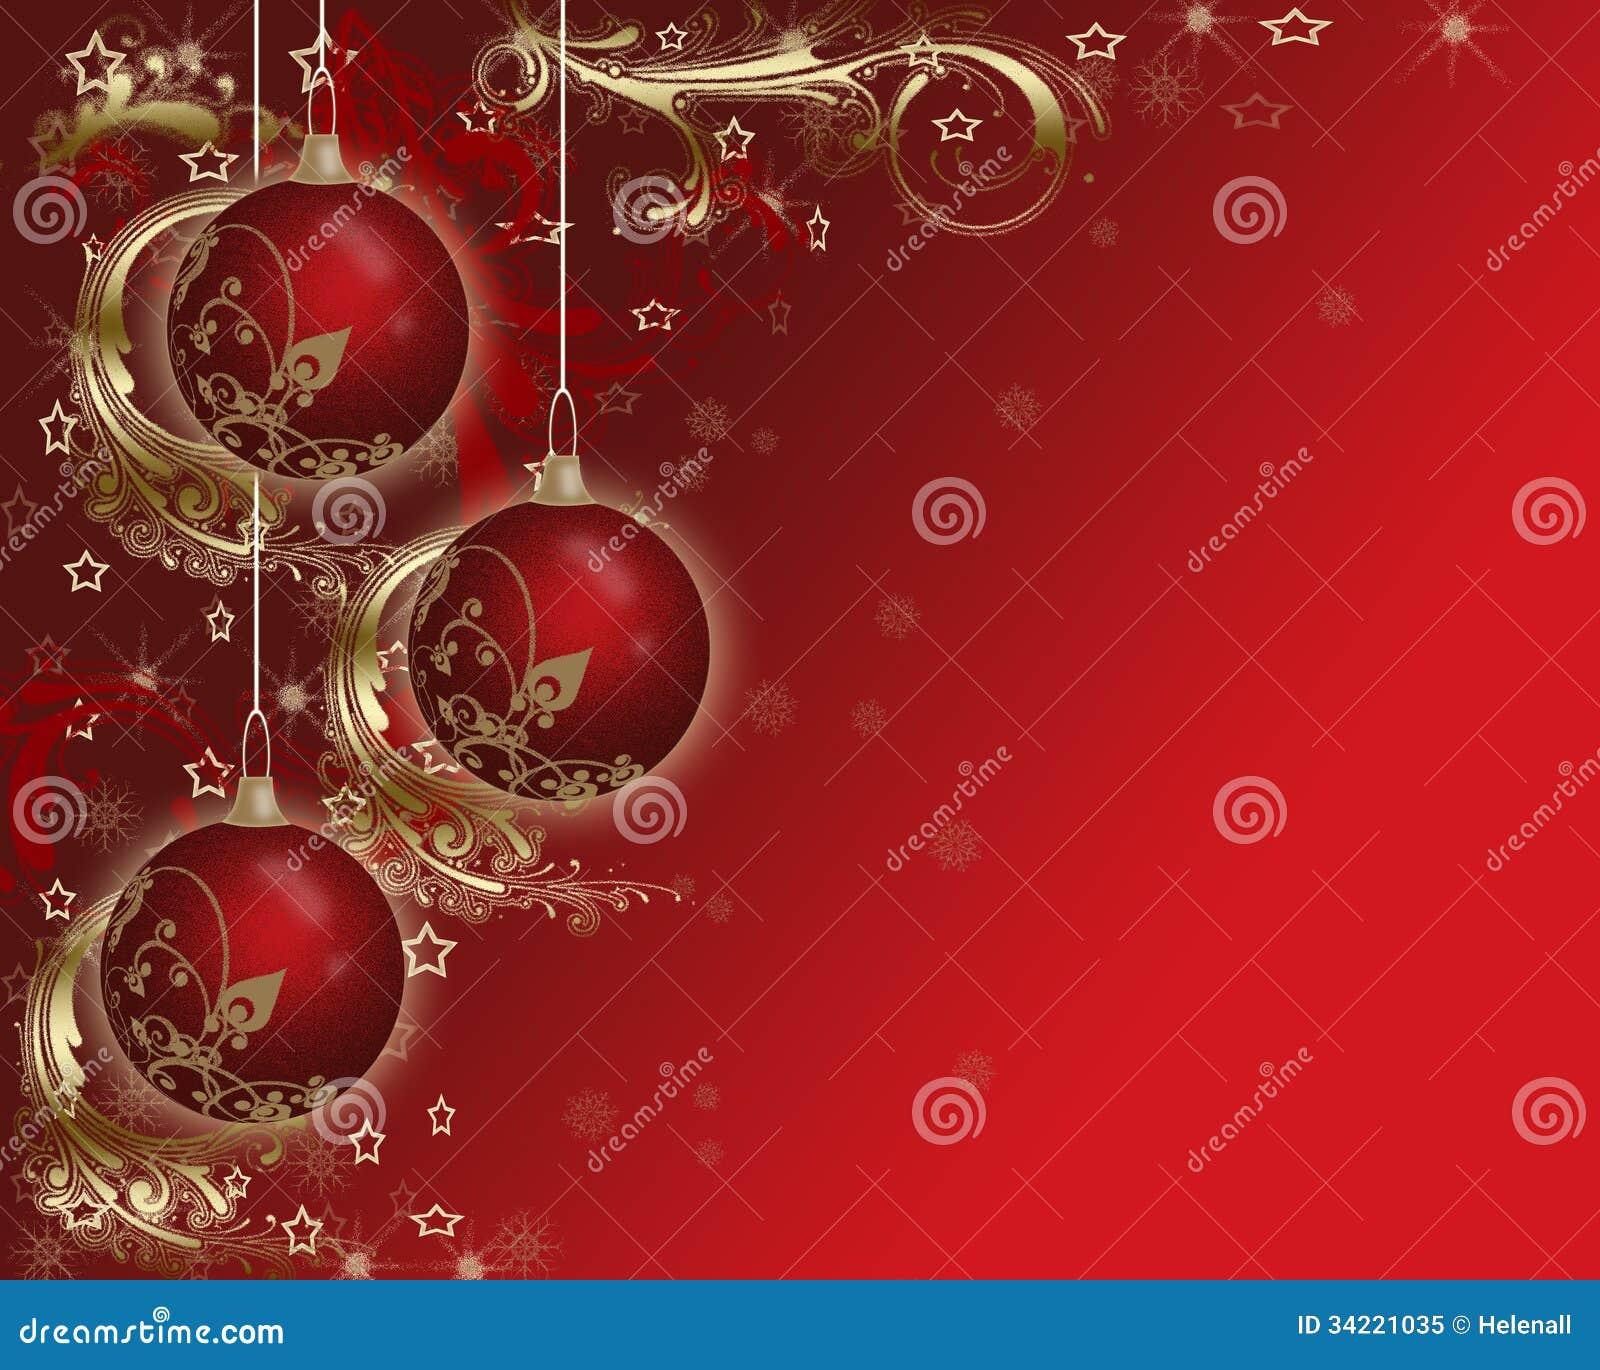 Hintergrund von weihnachtskarten stock abbildung illustration von schneeflocken jahr 34221035 - Weihnachtskarten download ...